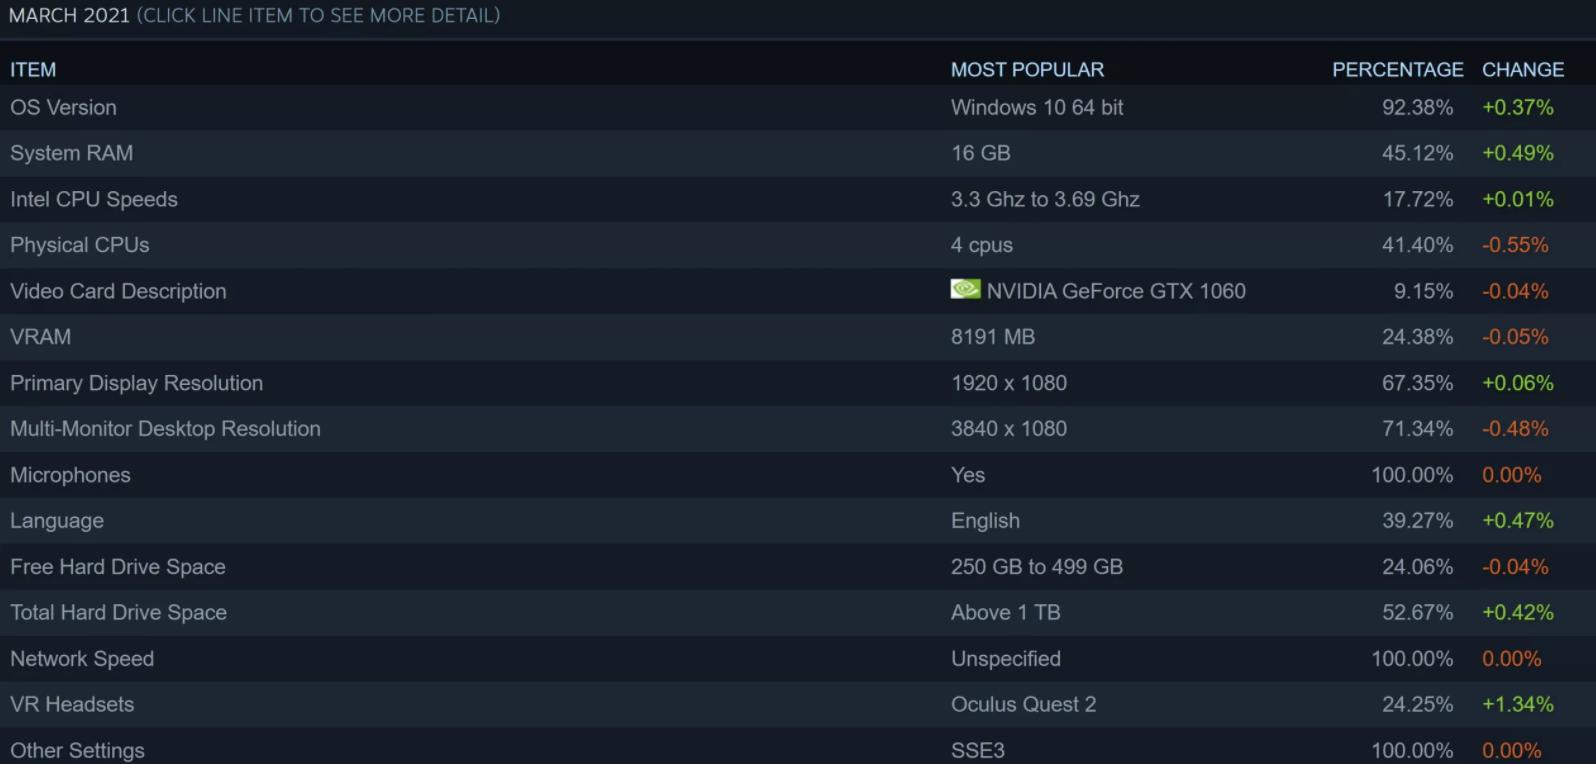 Valve:2021年3月Steam平台RTX 3070表现最佳